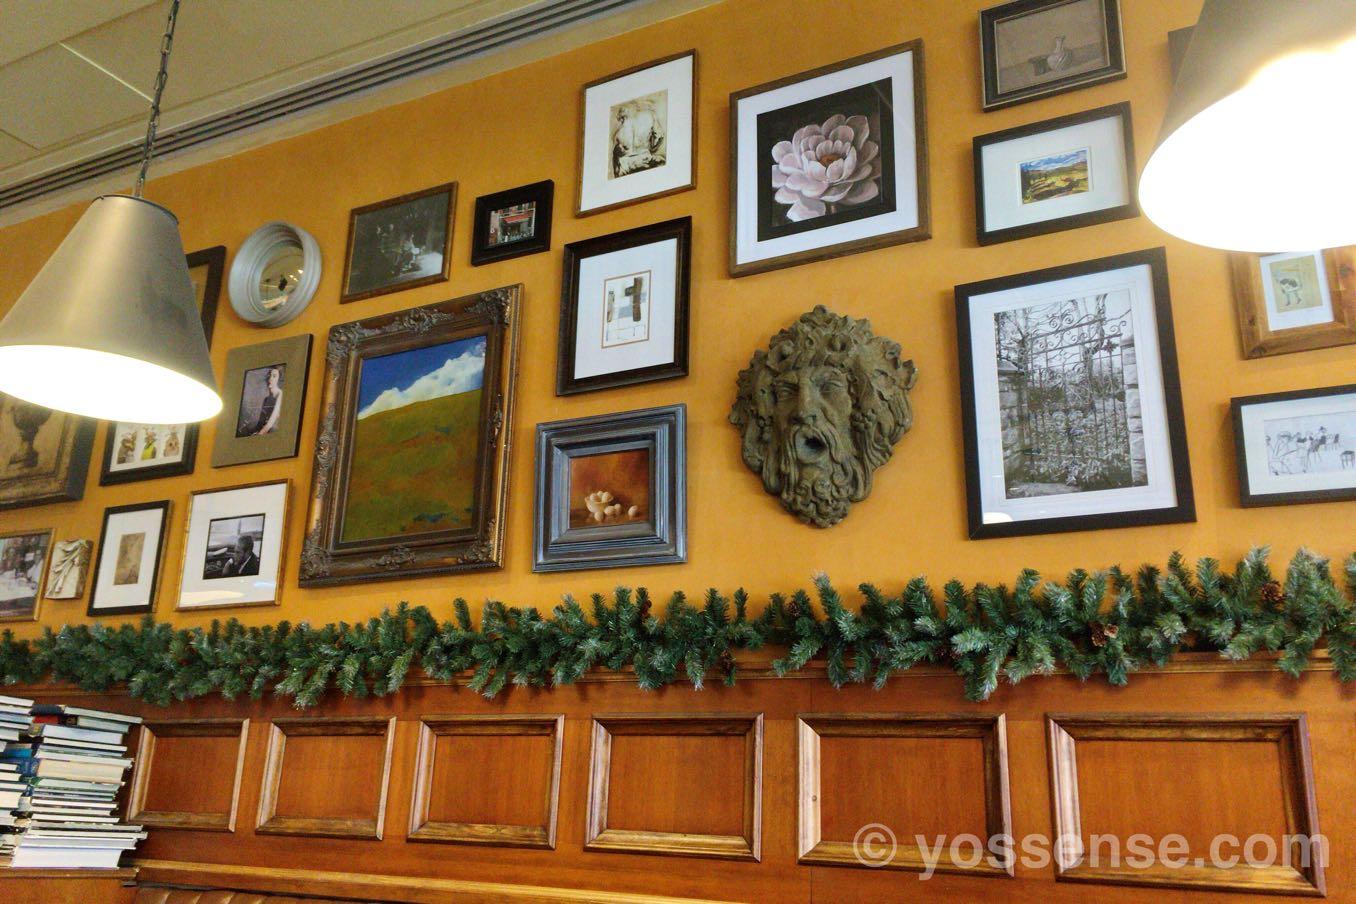 Bellaggio Cafeの壁には絵がたくさん